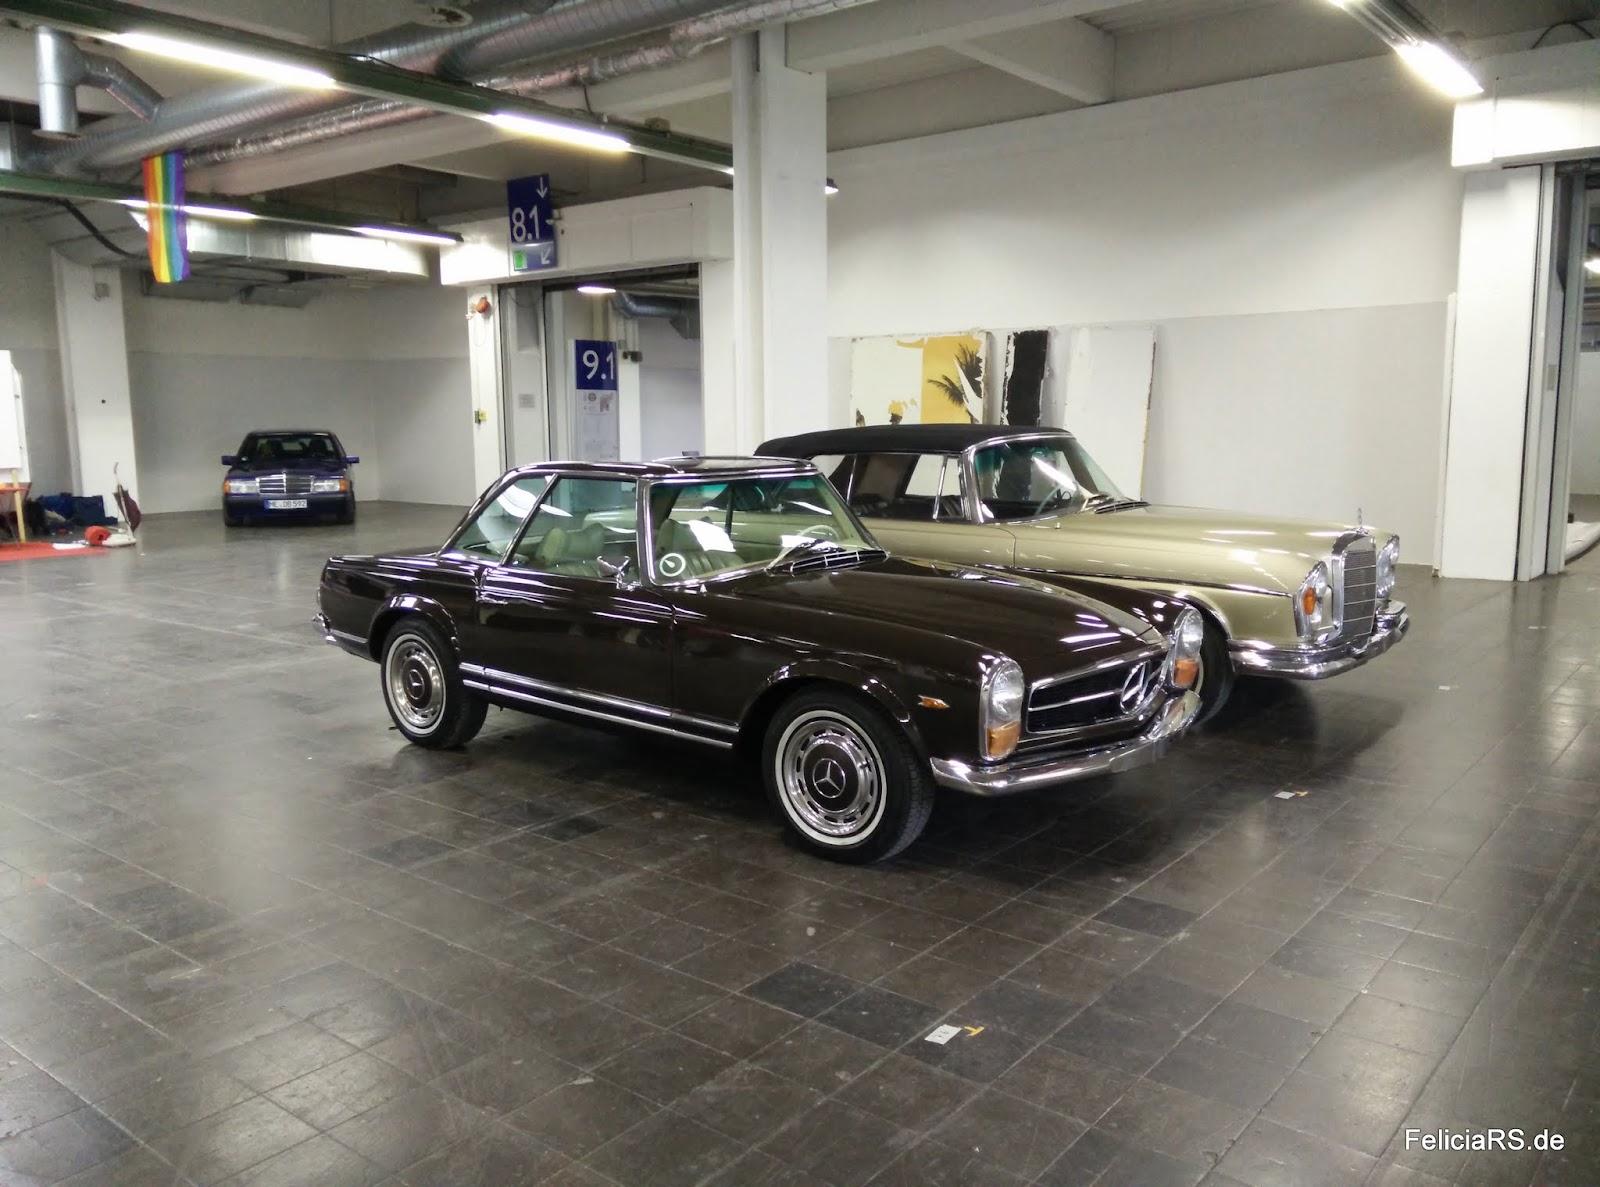 Mercedes wird es wohl auch wieder viele geben ;-)